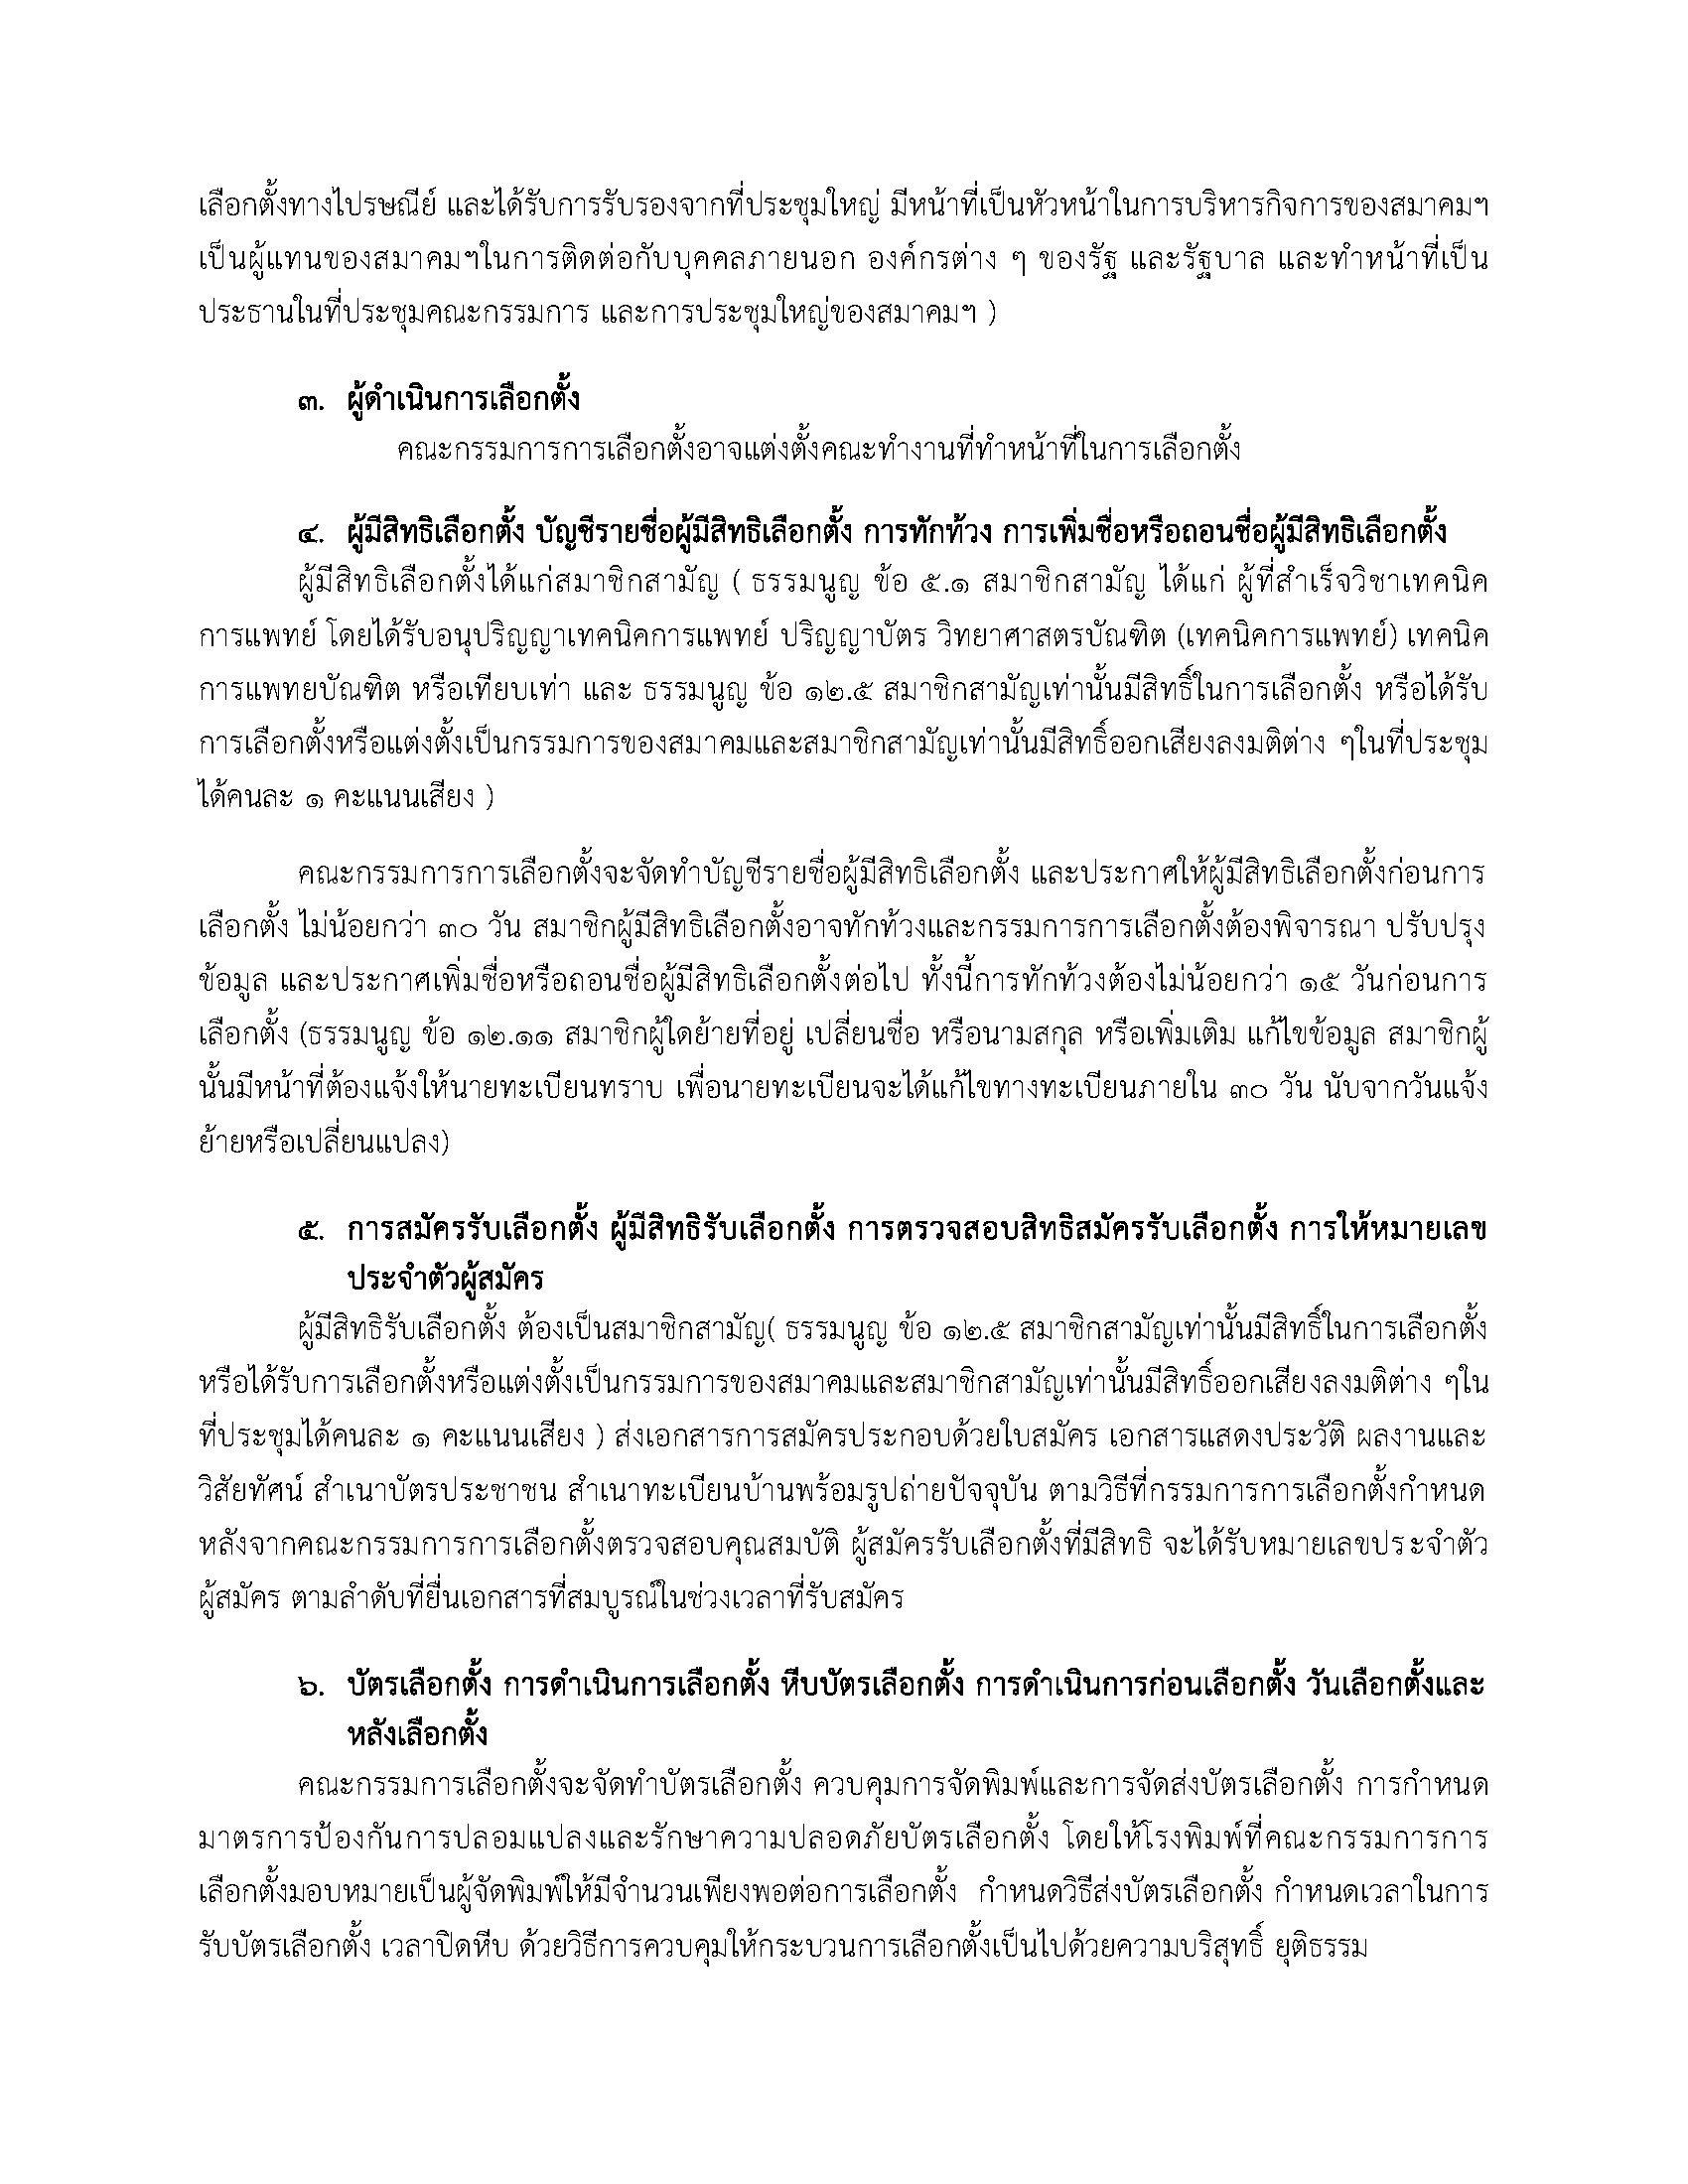 ระเบียบกกตนายกสมาคมเทคนิคการแพทย์64_Page_2.jpg